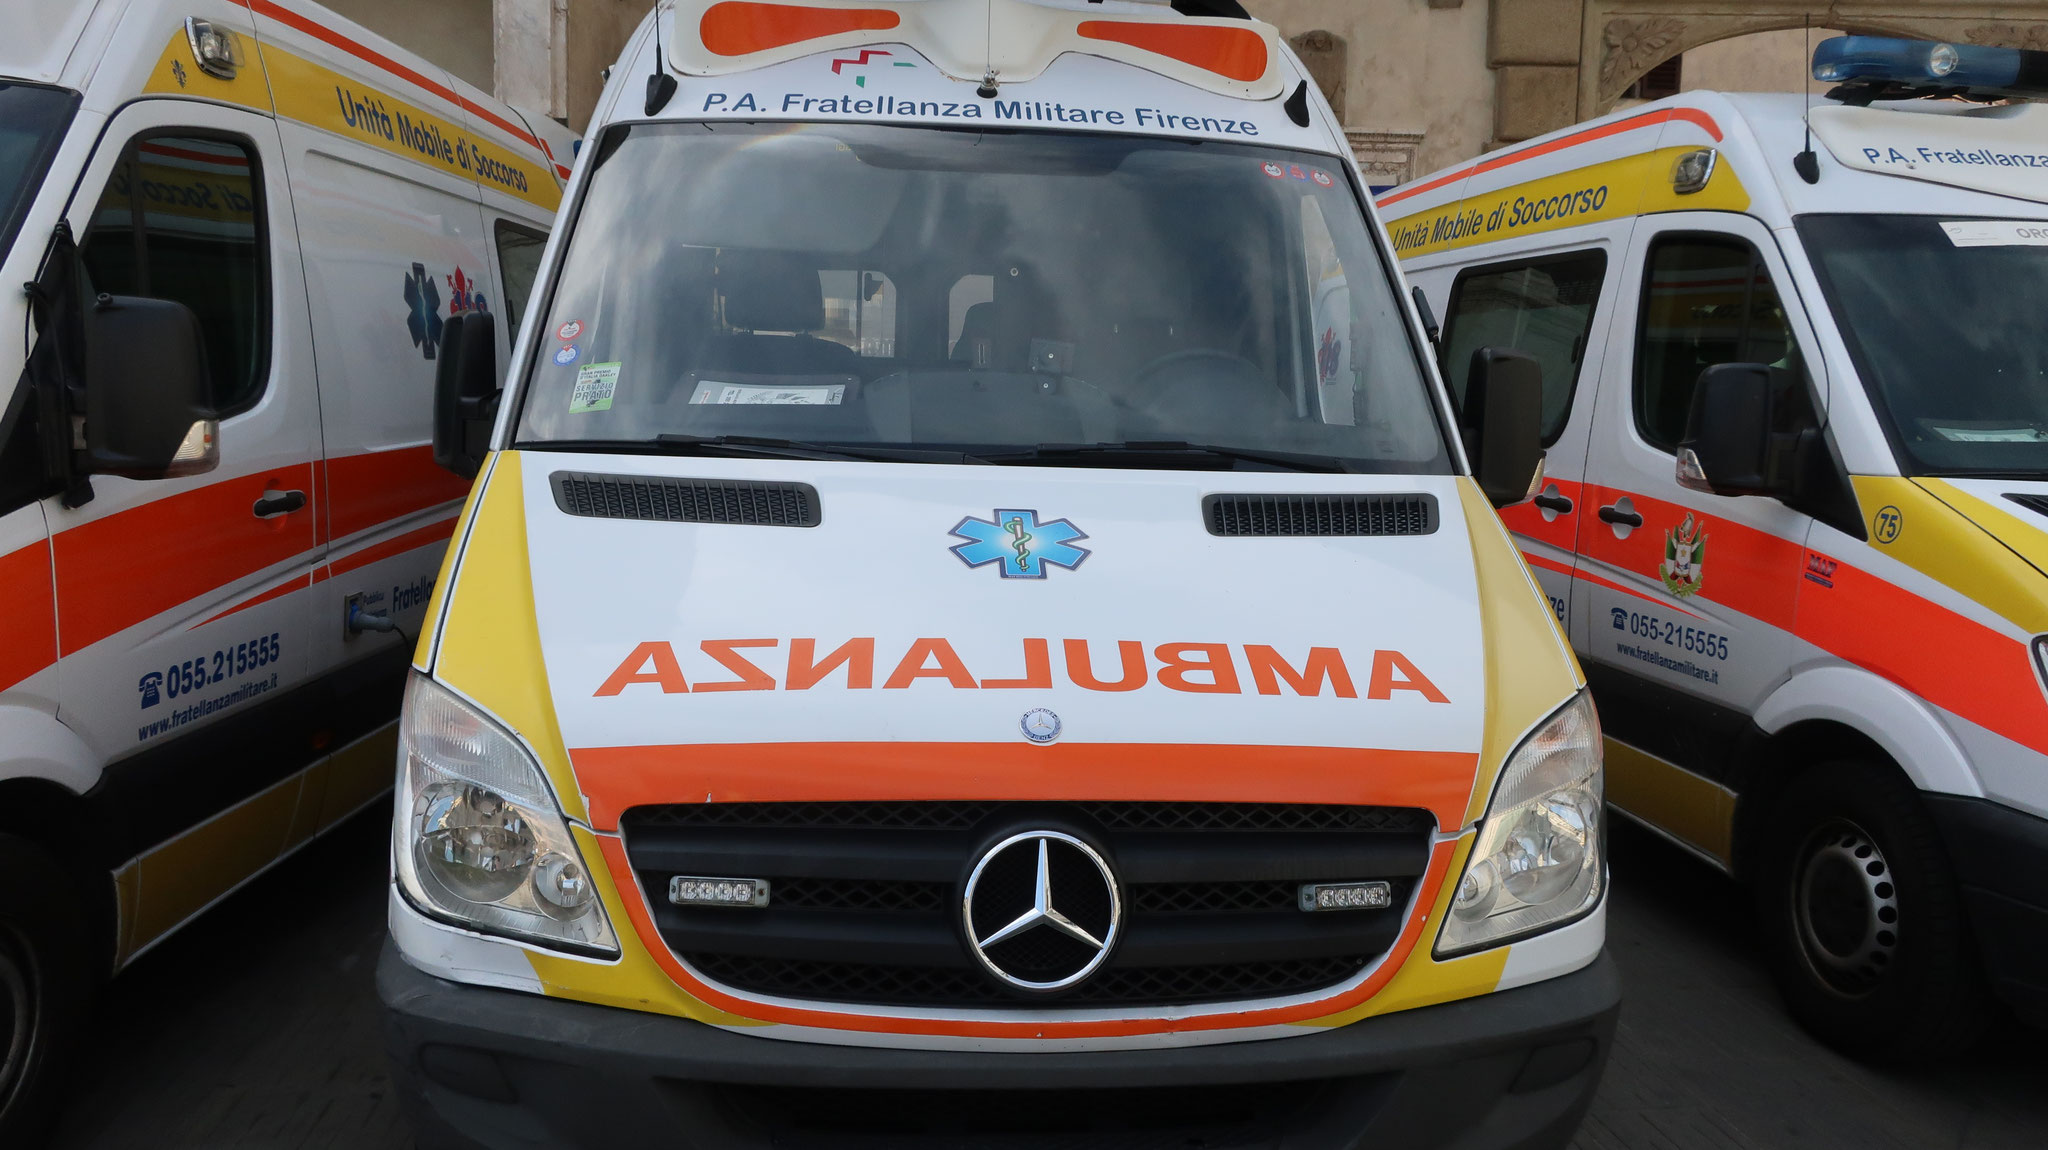 前を走る車のバックミラーに映るとAMBULANZA(救急車)と読めるように逆さ文字で書かれています。